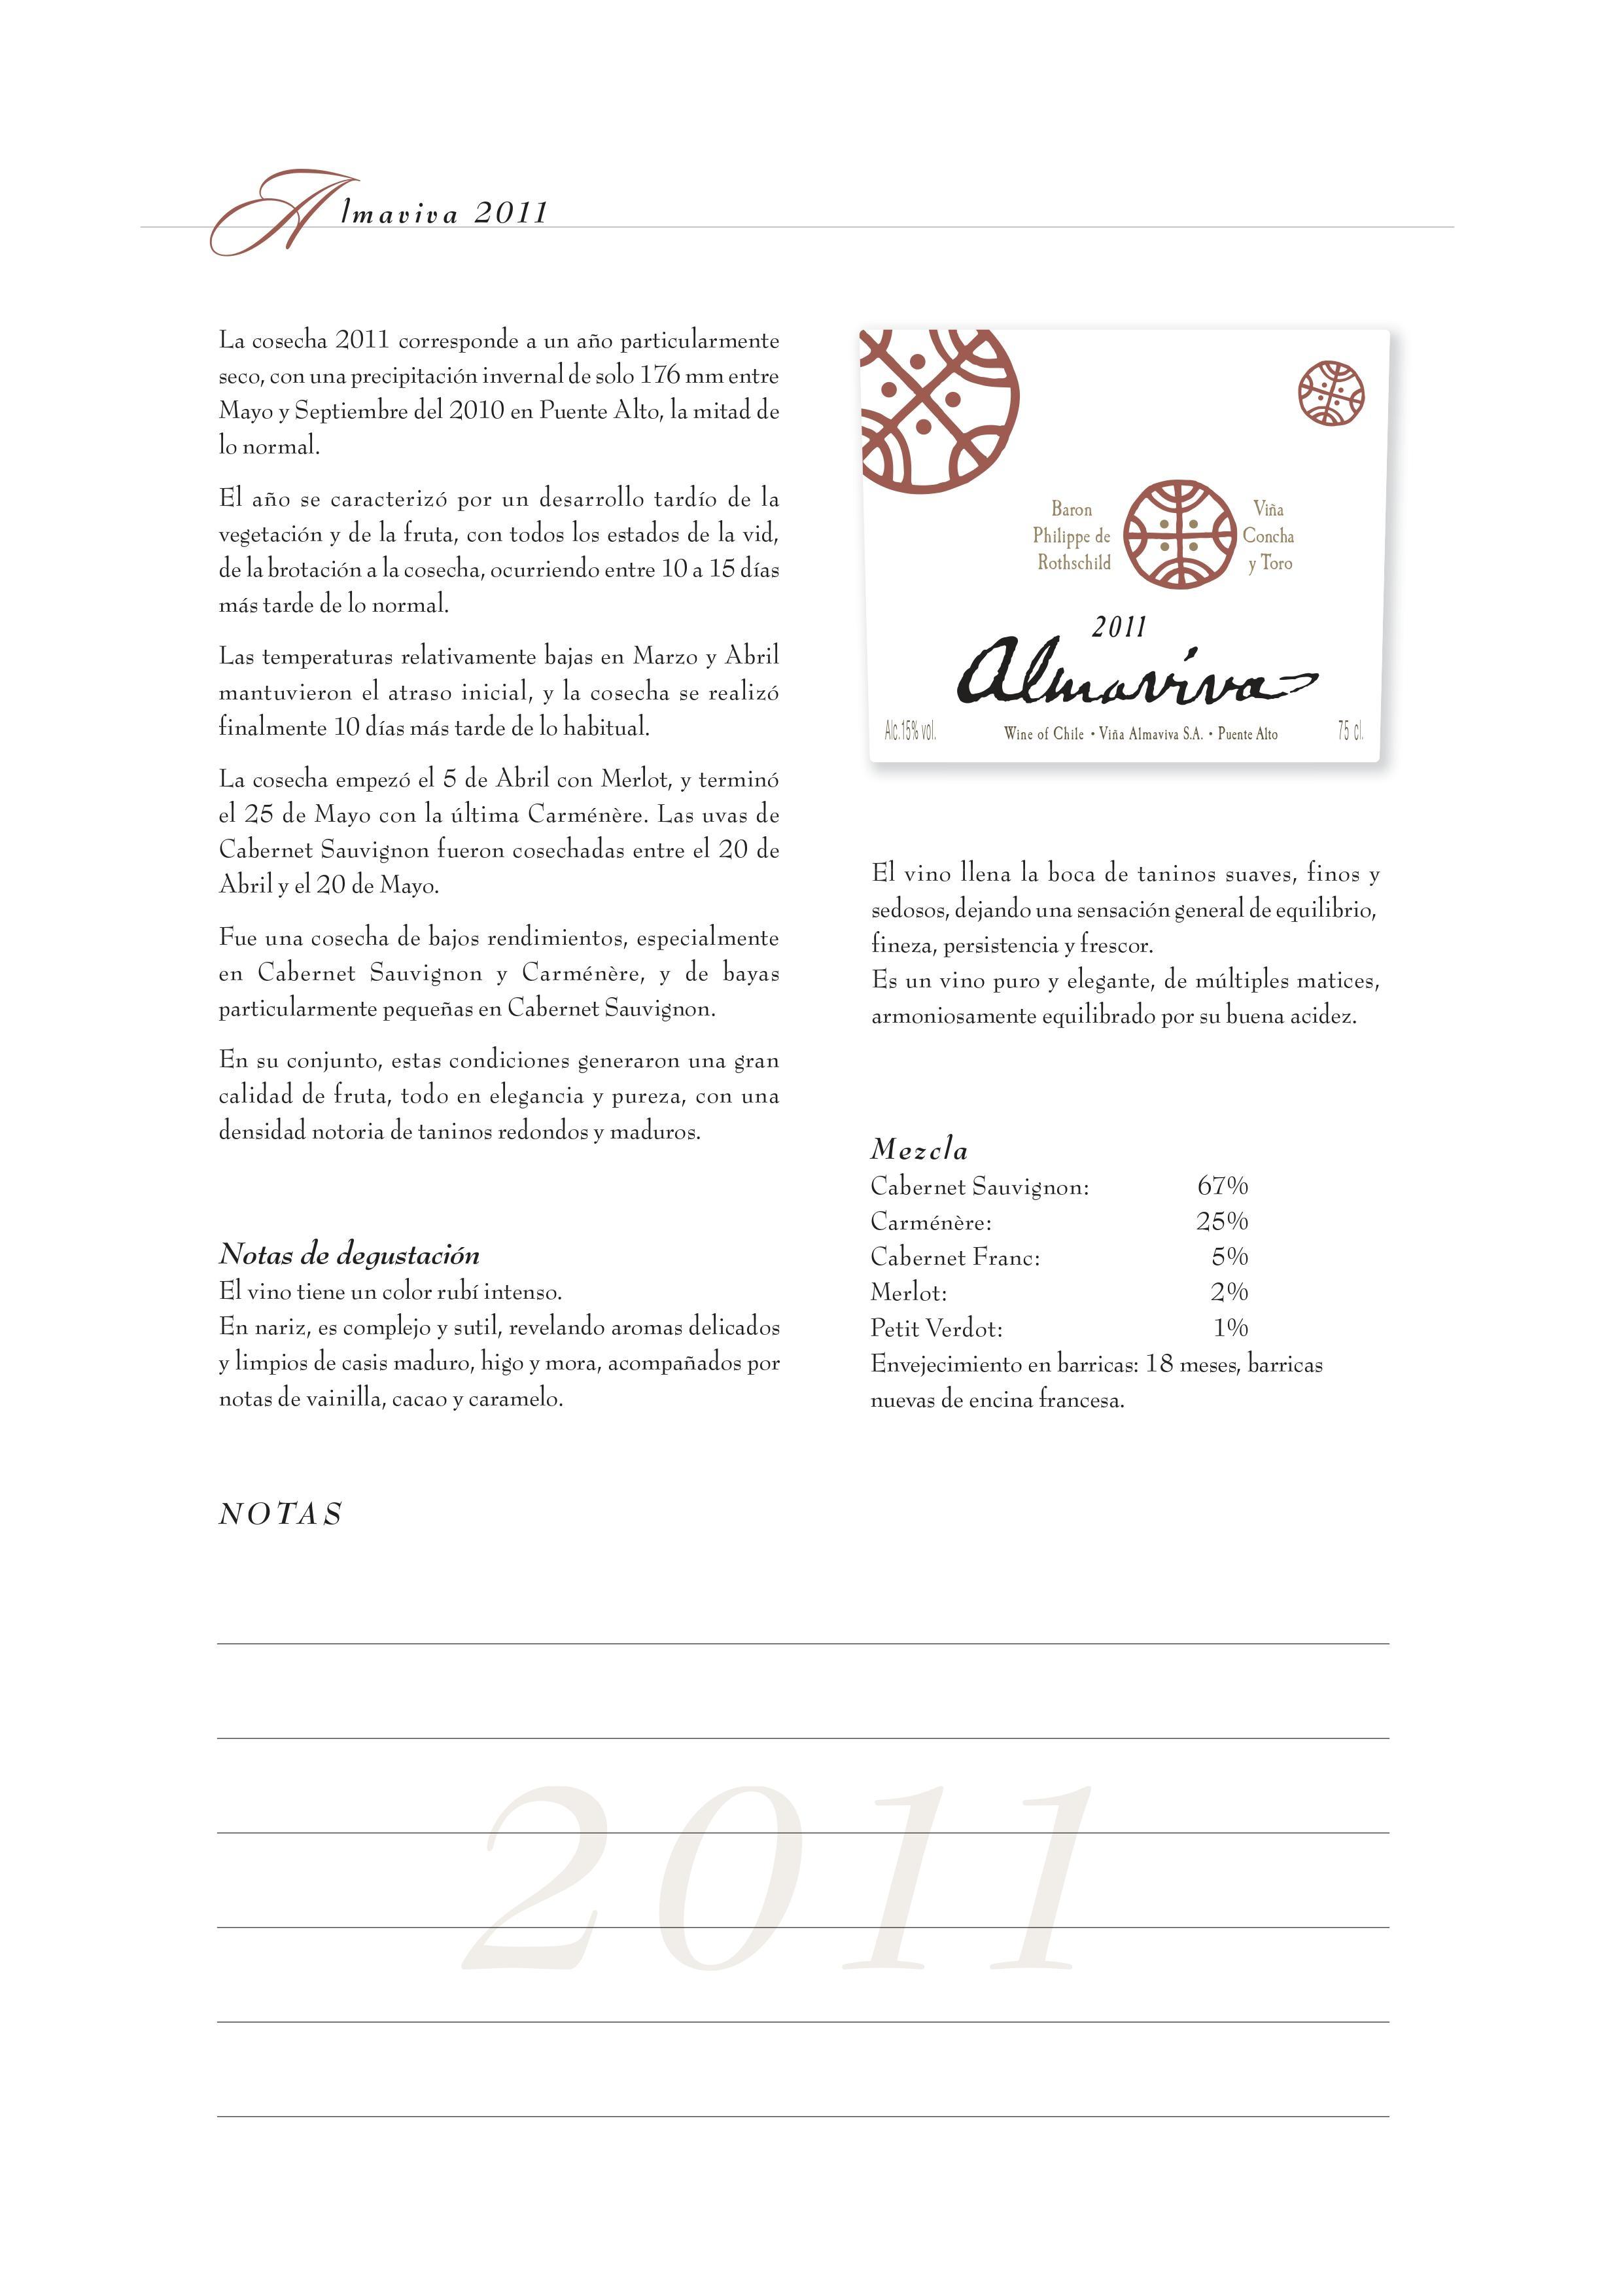 這款酒展示了美妙又悠長的質感,有微妙的黑果,花香,果仁和薄荷的風味。酒體飽滿,細緻的單寧為葡萄酒注入能量和集中度,整體口感複雜。以67%赤霞珠,25%佳美娜,2%梅樂和1%小維多混釀而成,於2017飲用會更柔和。